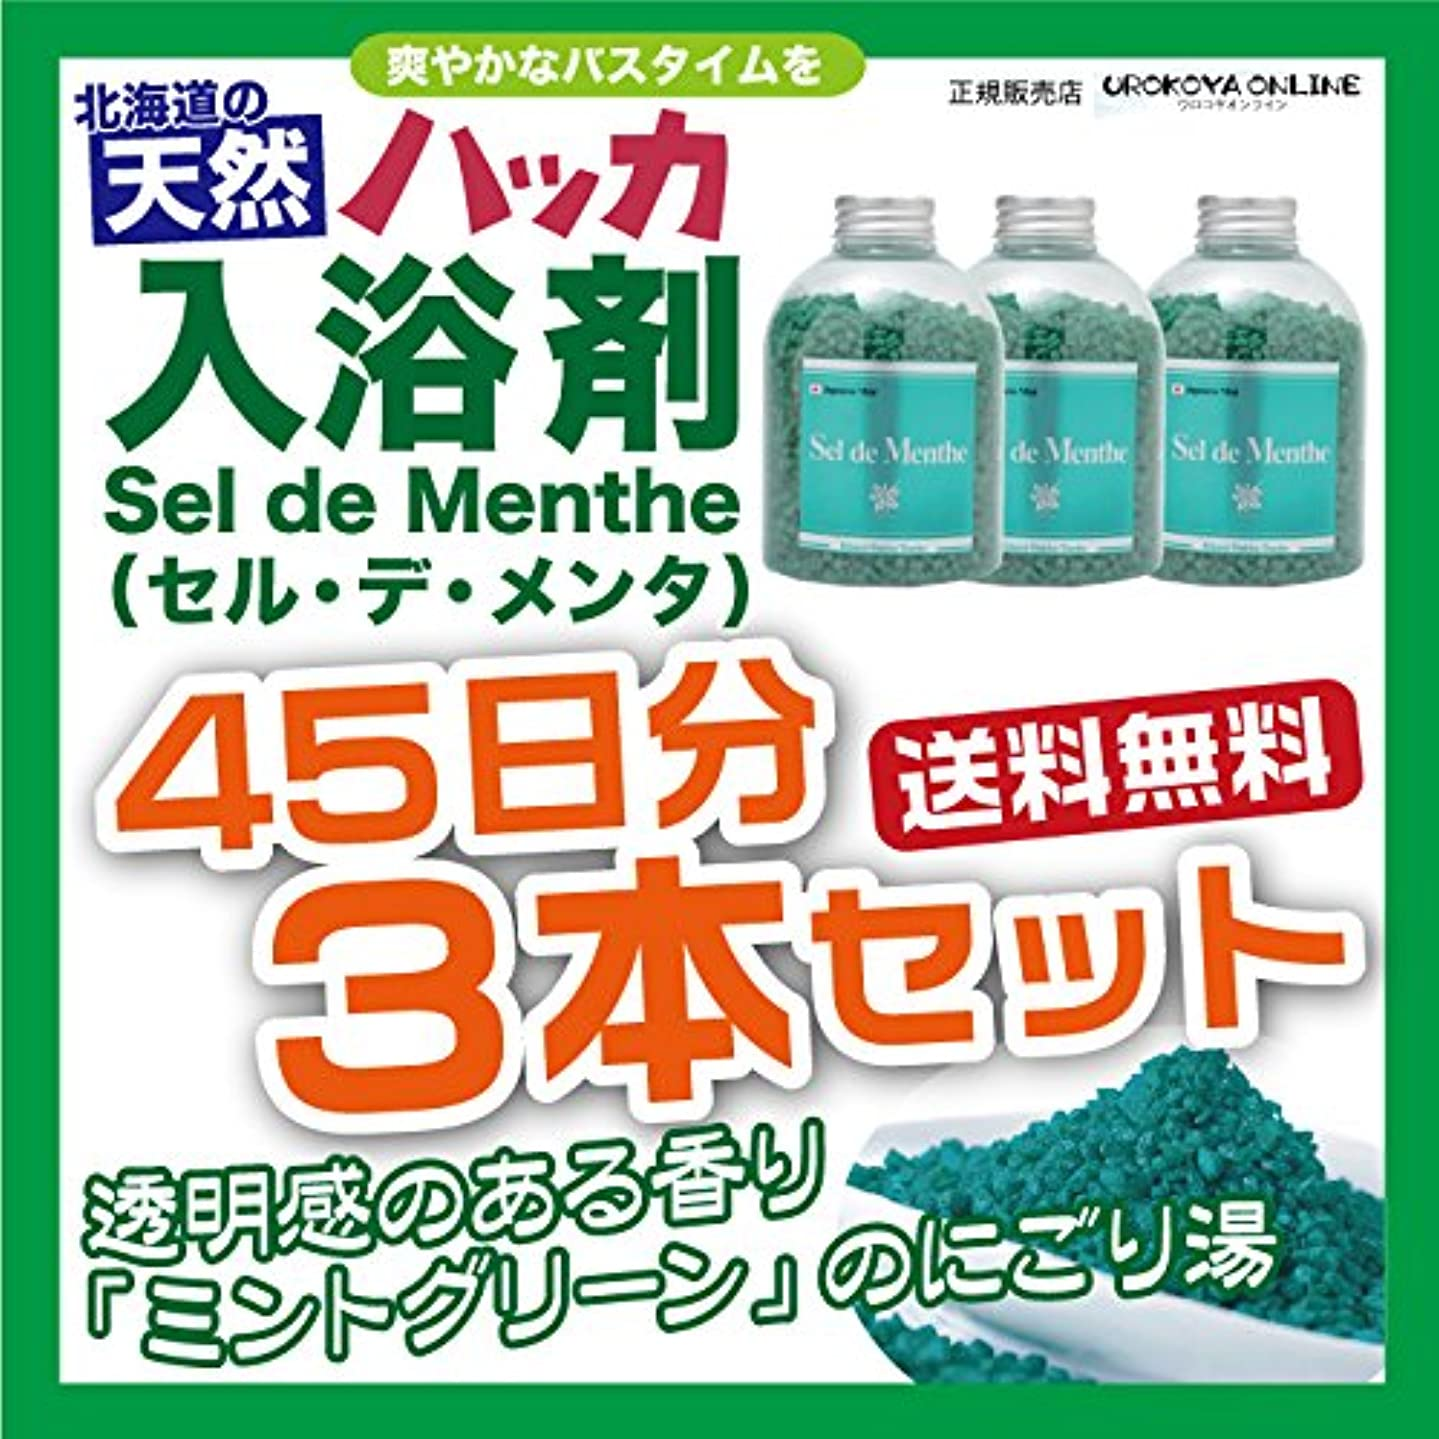 ポーチライセンスワックス【3本セット】北見ハッカ通商 入浴剤Sel de Menthe(セル?デ?メンタ)徳用ボトル 3本セット 1350g